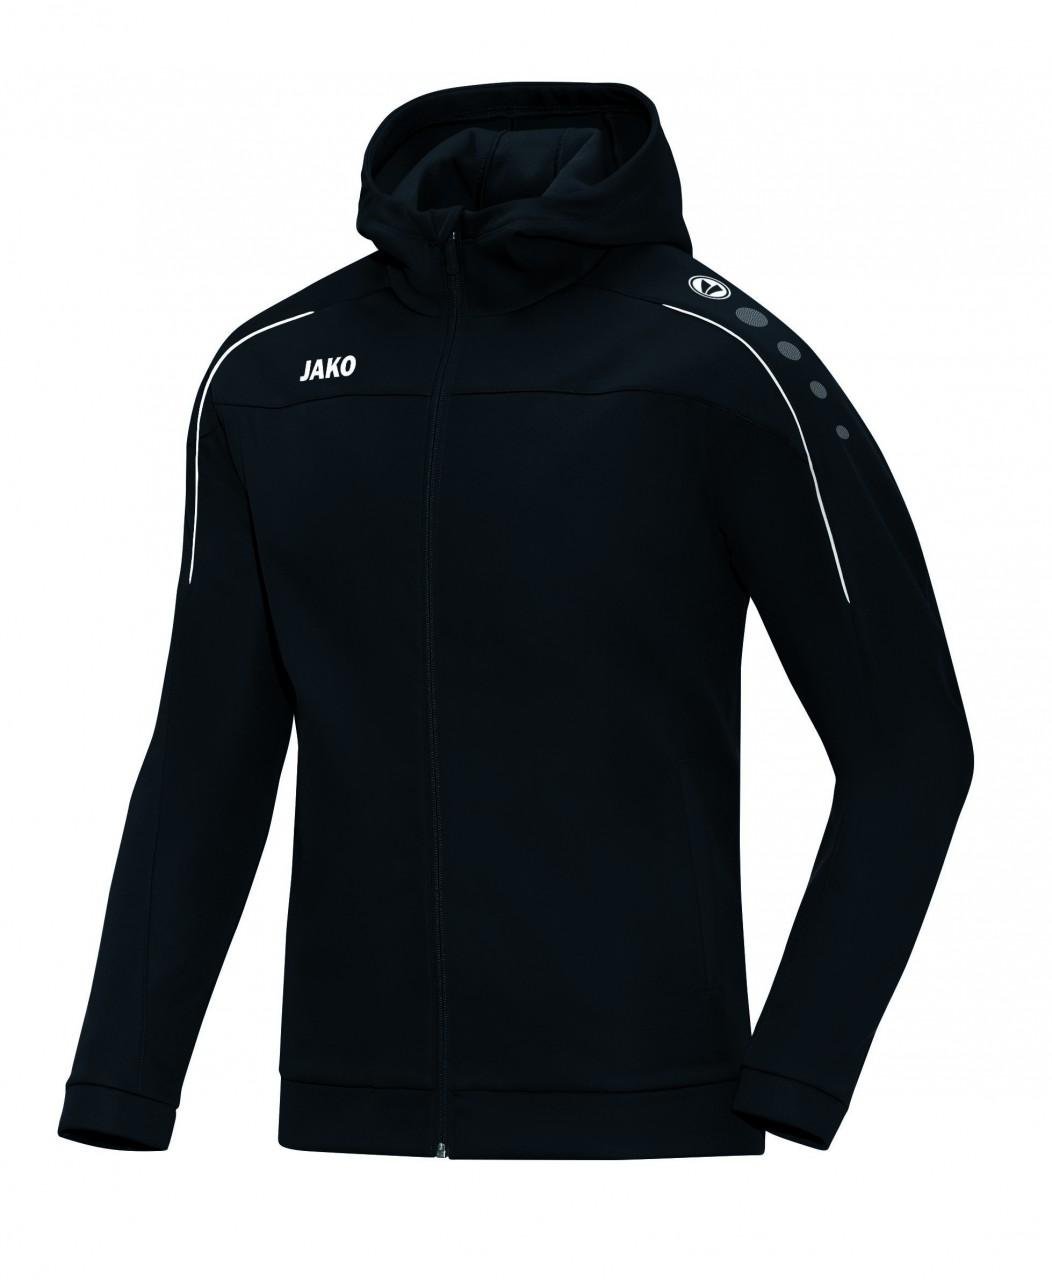 JAKO hooded jacket Classico